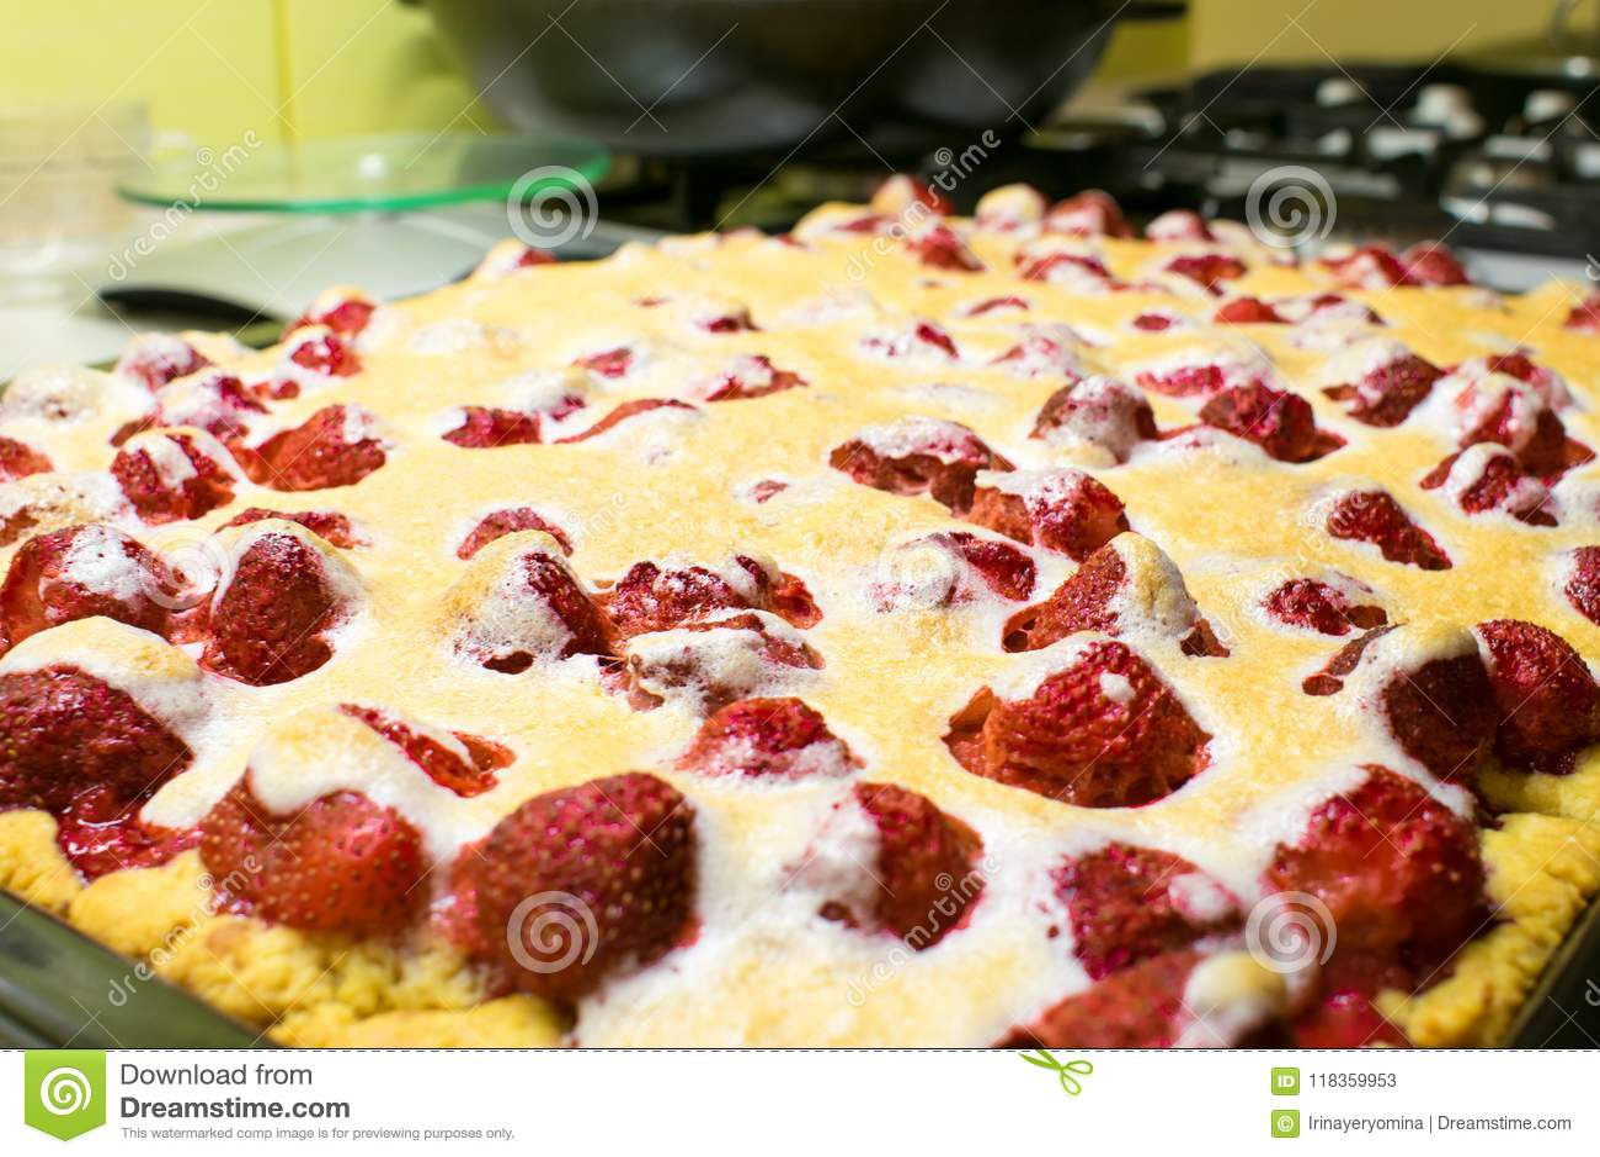 Bolo grande caseiro da galdéria da torta da morango com com as bagas inteiras